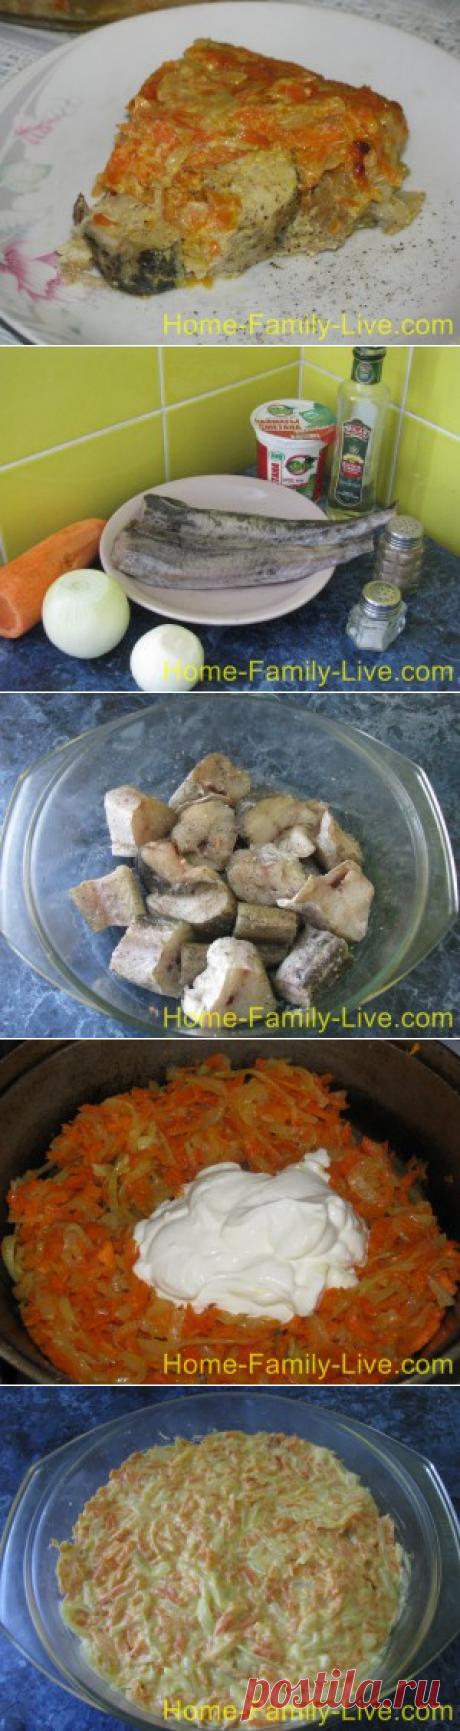 Минтай в сметане/Сайт с пошаговыми рецептами с фото для тех кто любит готовить